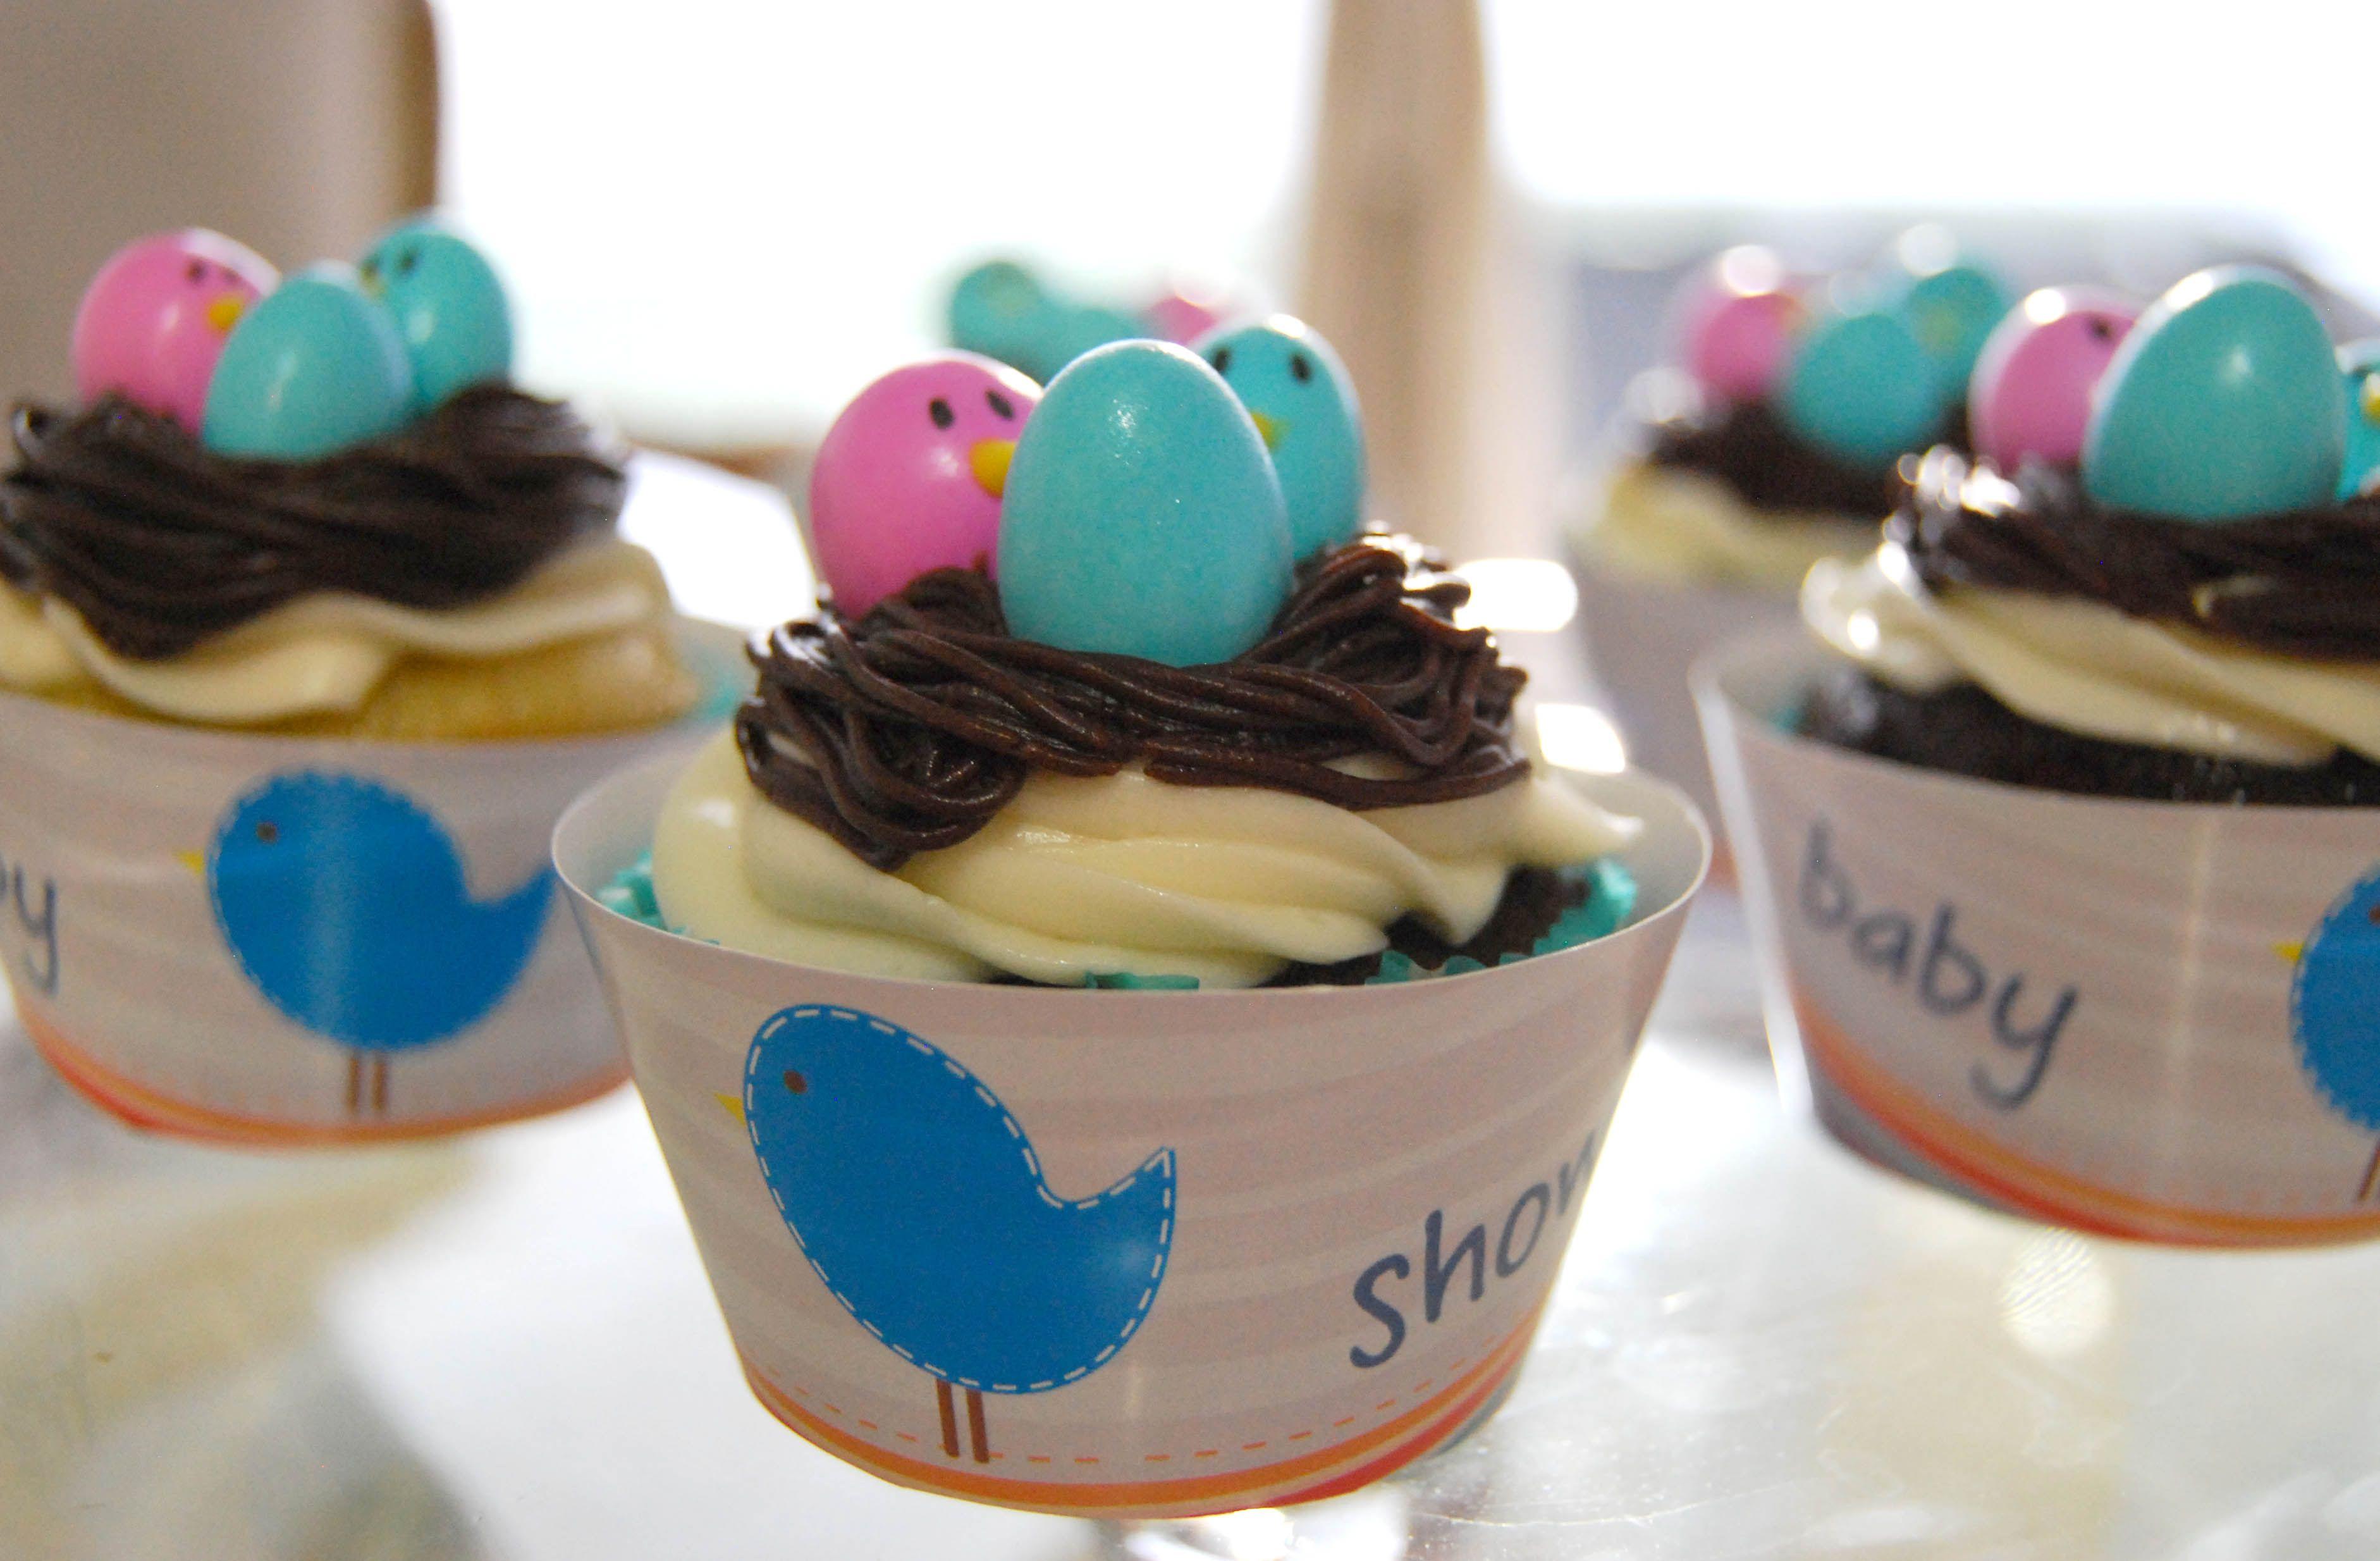 Cupcakes de vainilla y chocolate en forma de nido para baby shower / Nest chocolate and vanilla cupcakes.